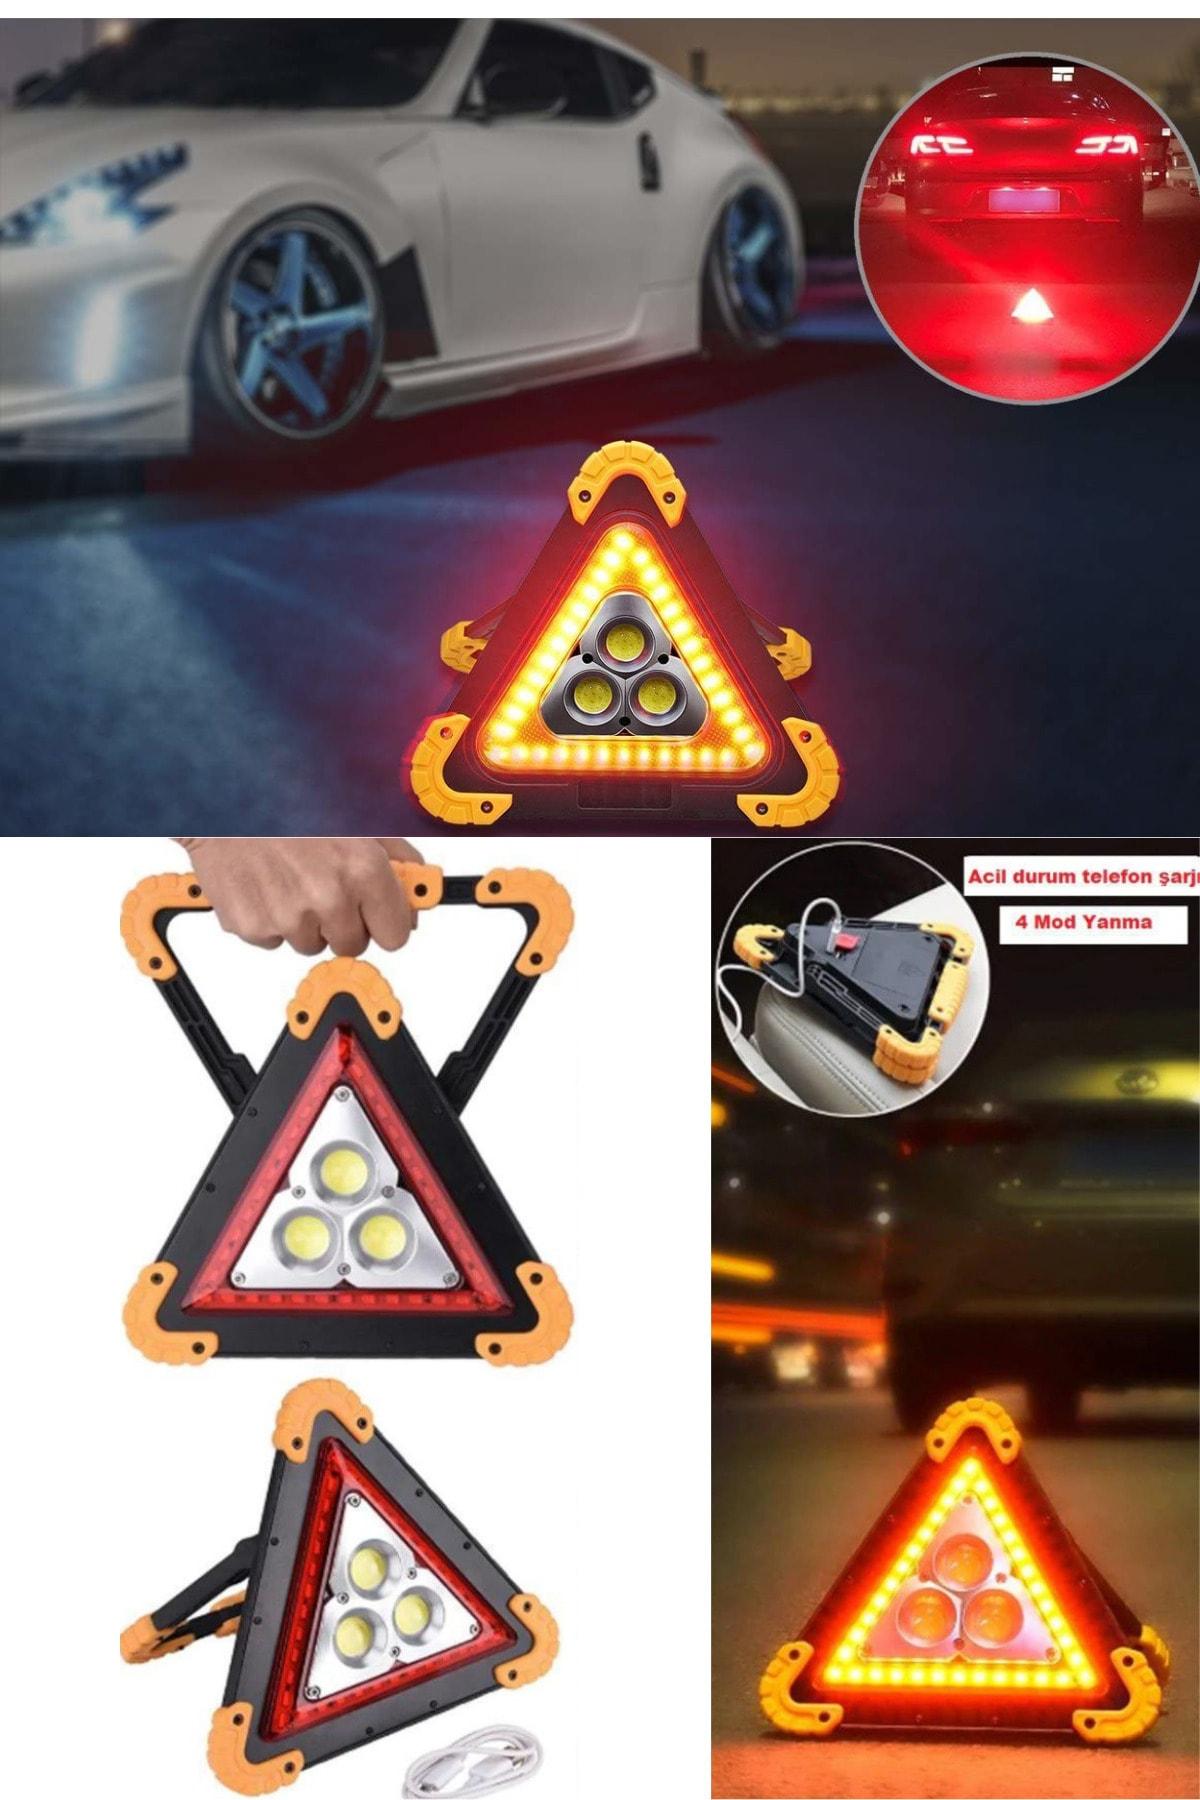 QNİAY Reflektör Usb-akıllı Şarj Işıklı Ikaz Lambası 3 Ledli Fener Trafik Acil Durum Kamp 1